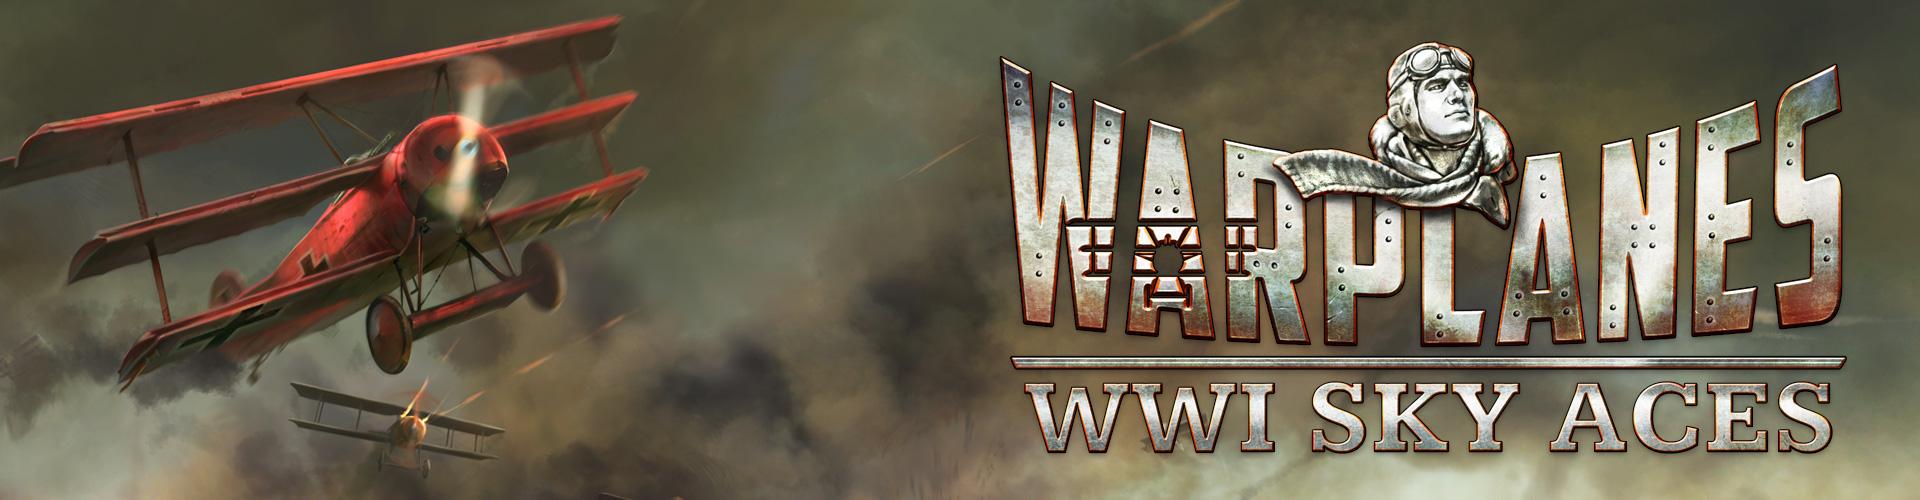 ww1baner